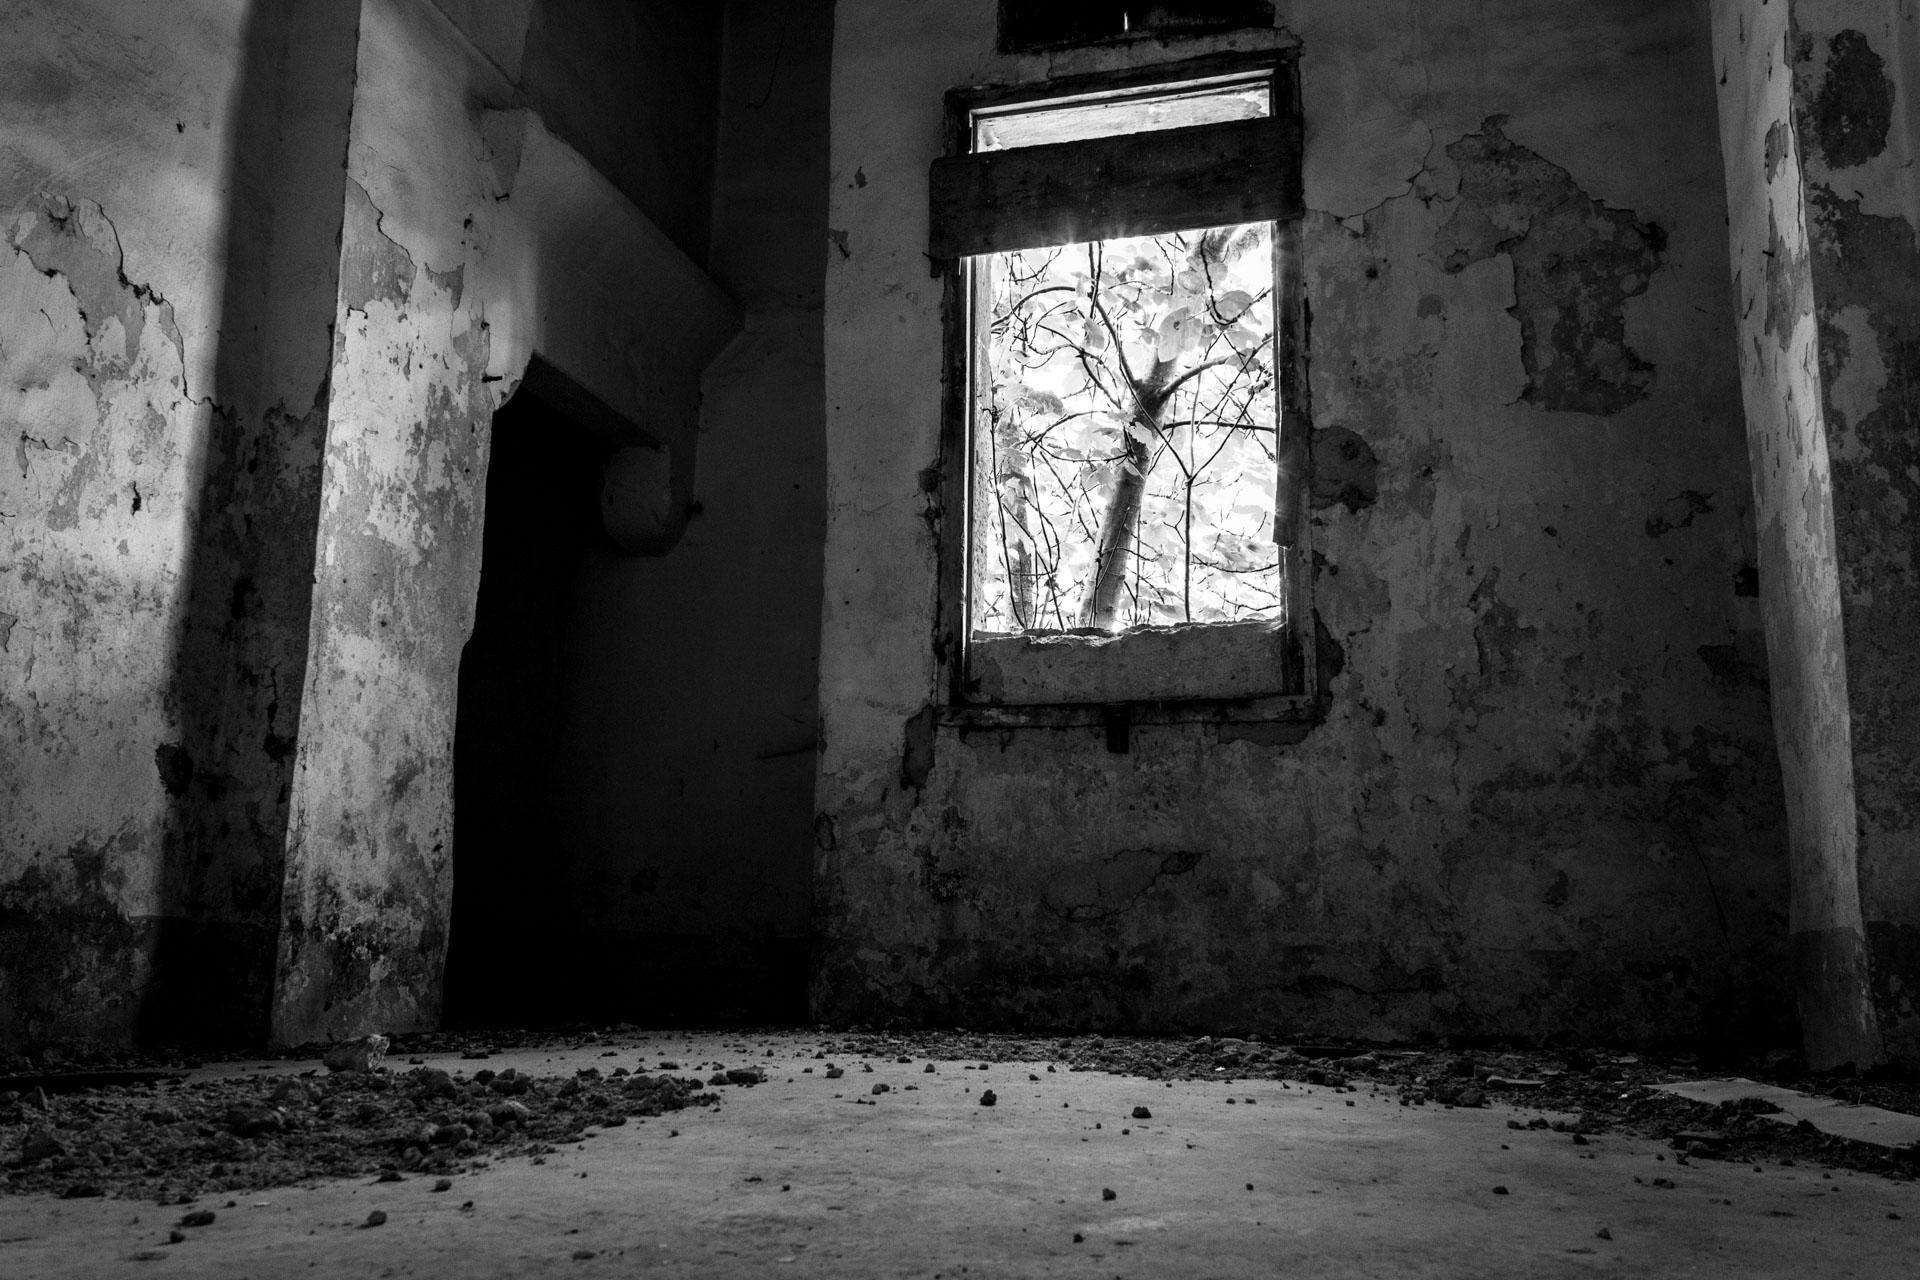 La finestra dentro la decadenza fuori la luce e la speranza - Libro la luce alla finestra ...